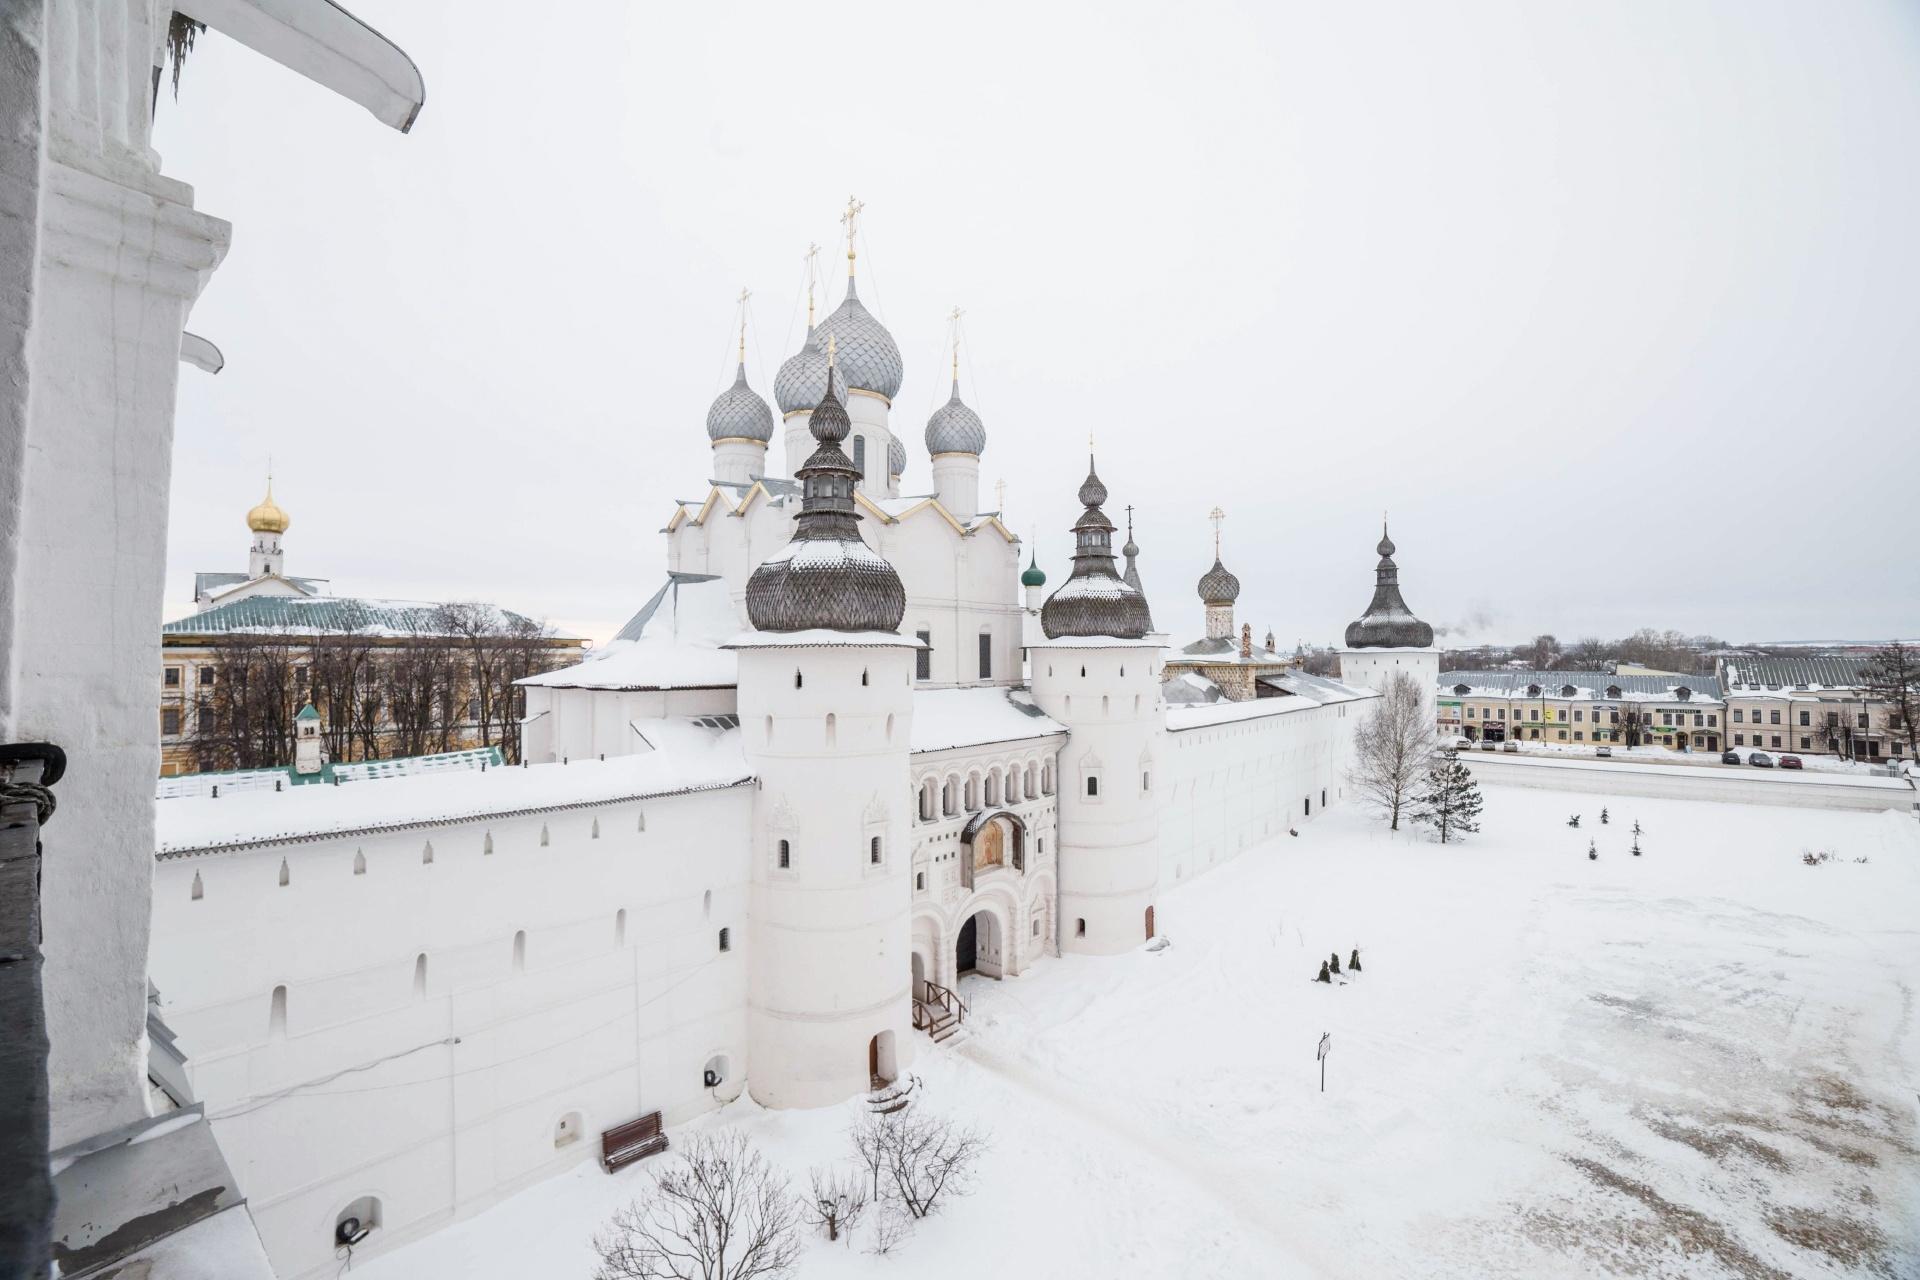 ロシアの町ロストフの中央広場 鐘楼と大聖堂 ロシアの風景